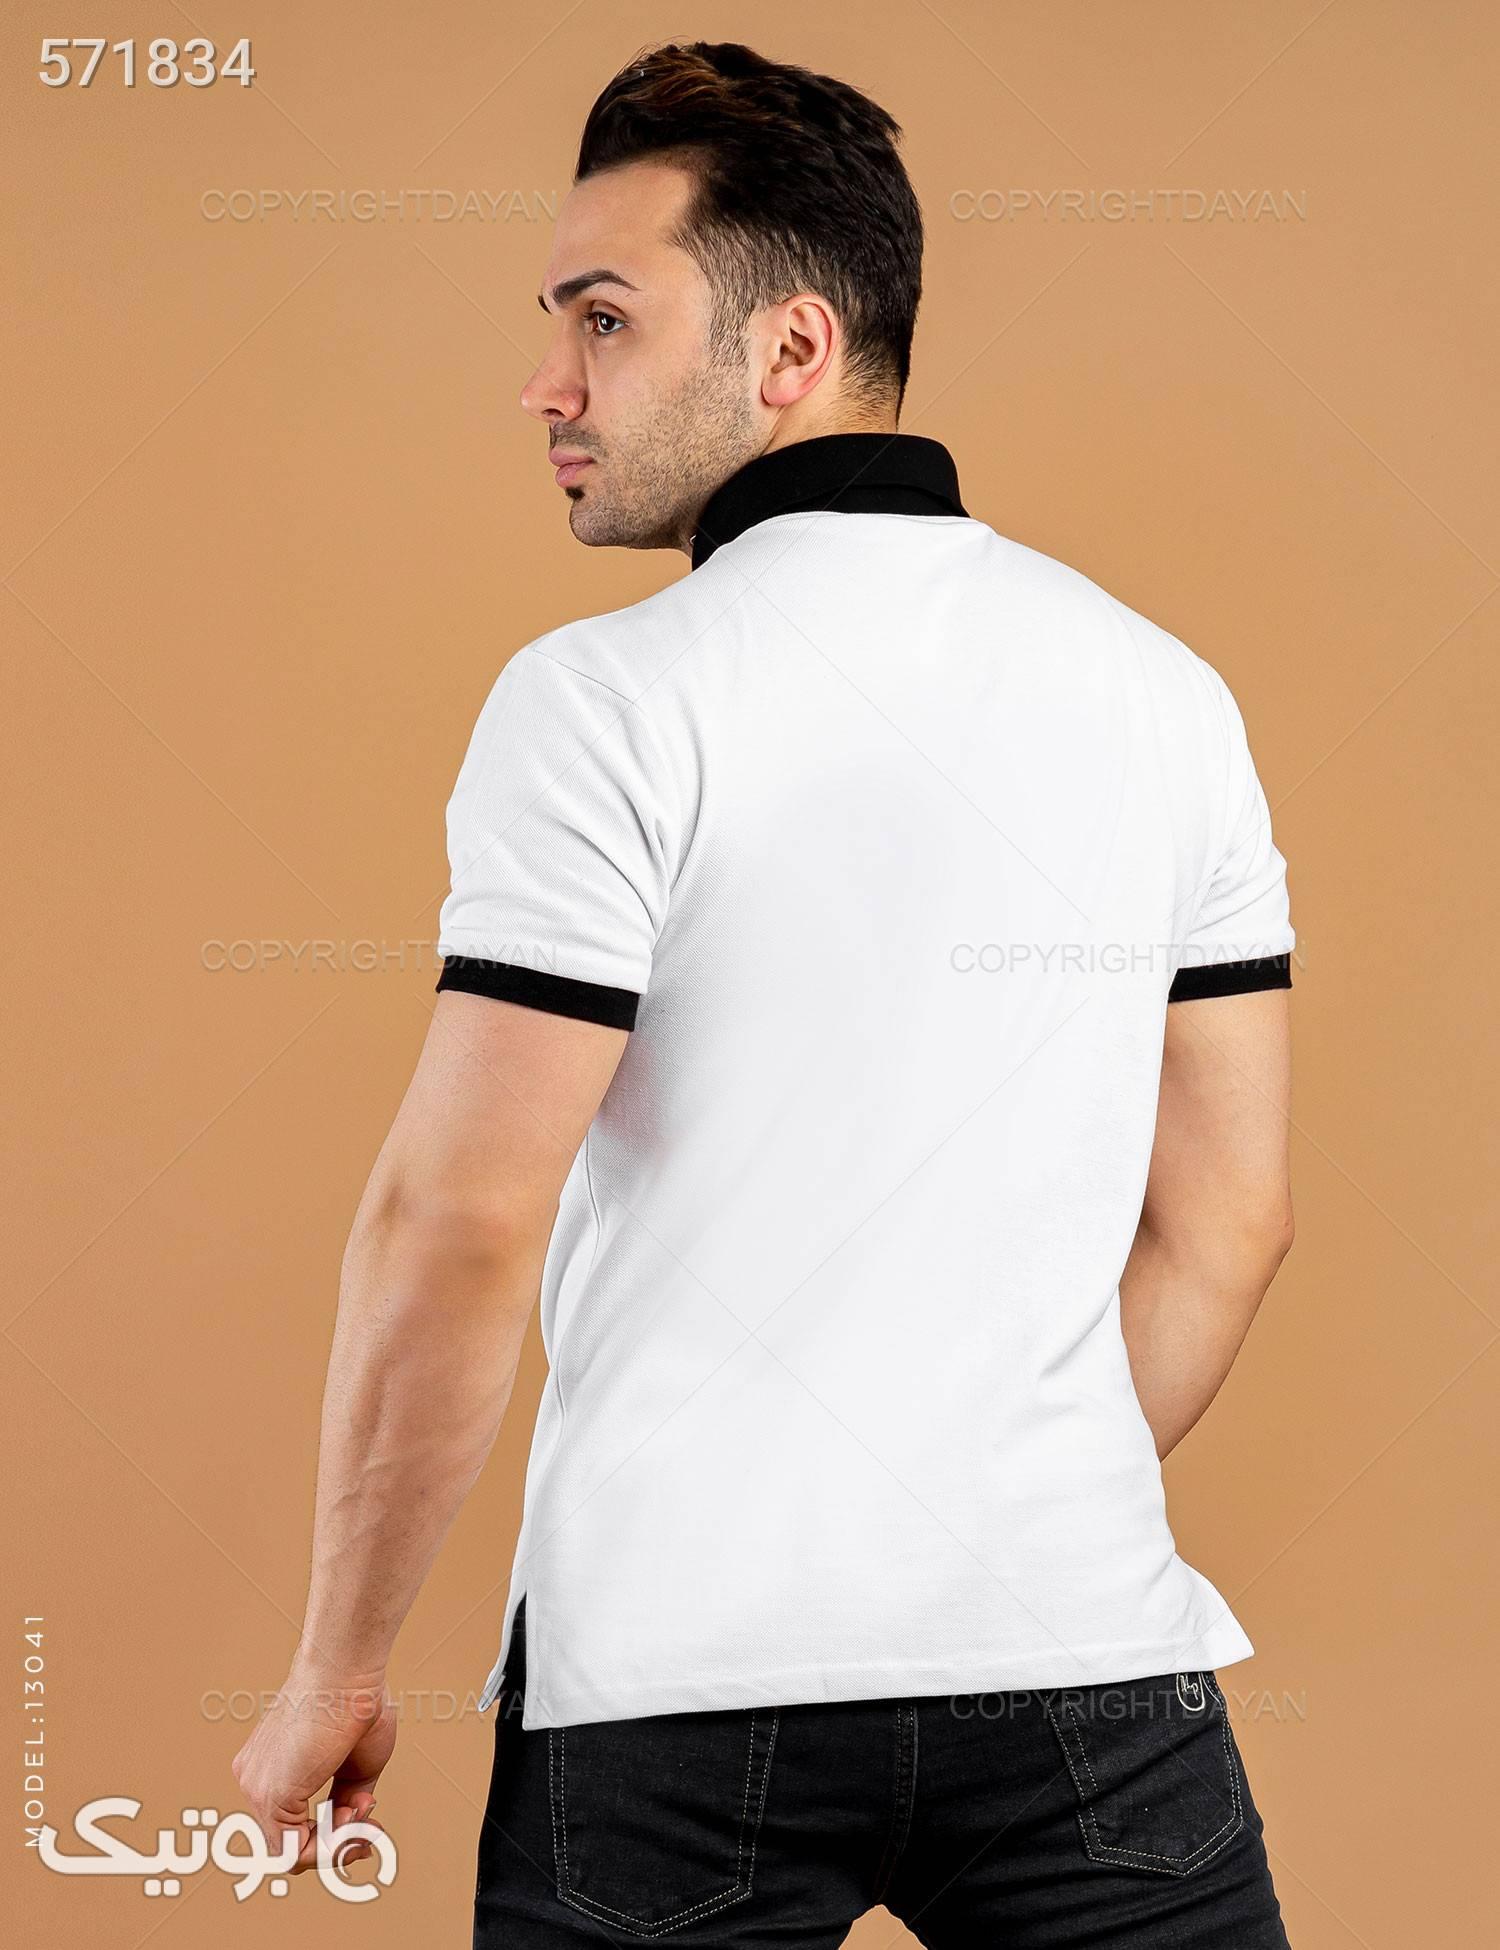 پولوشرت مردانه Marlon مدل 13041 سفید تی شرت و پولو شرت مردانه